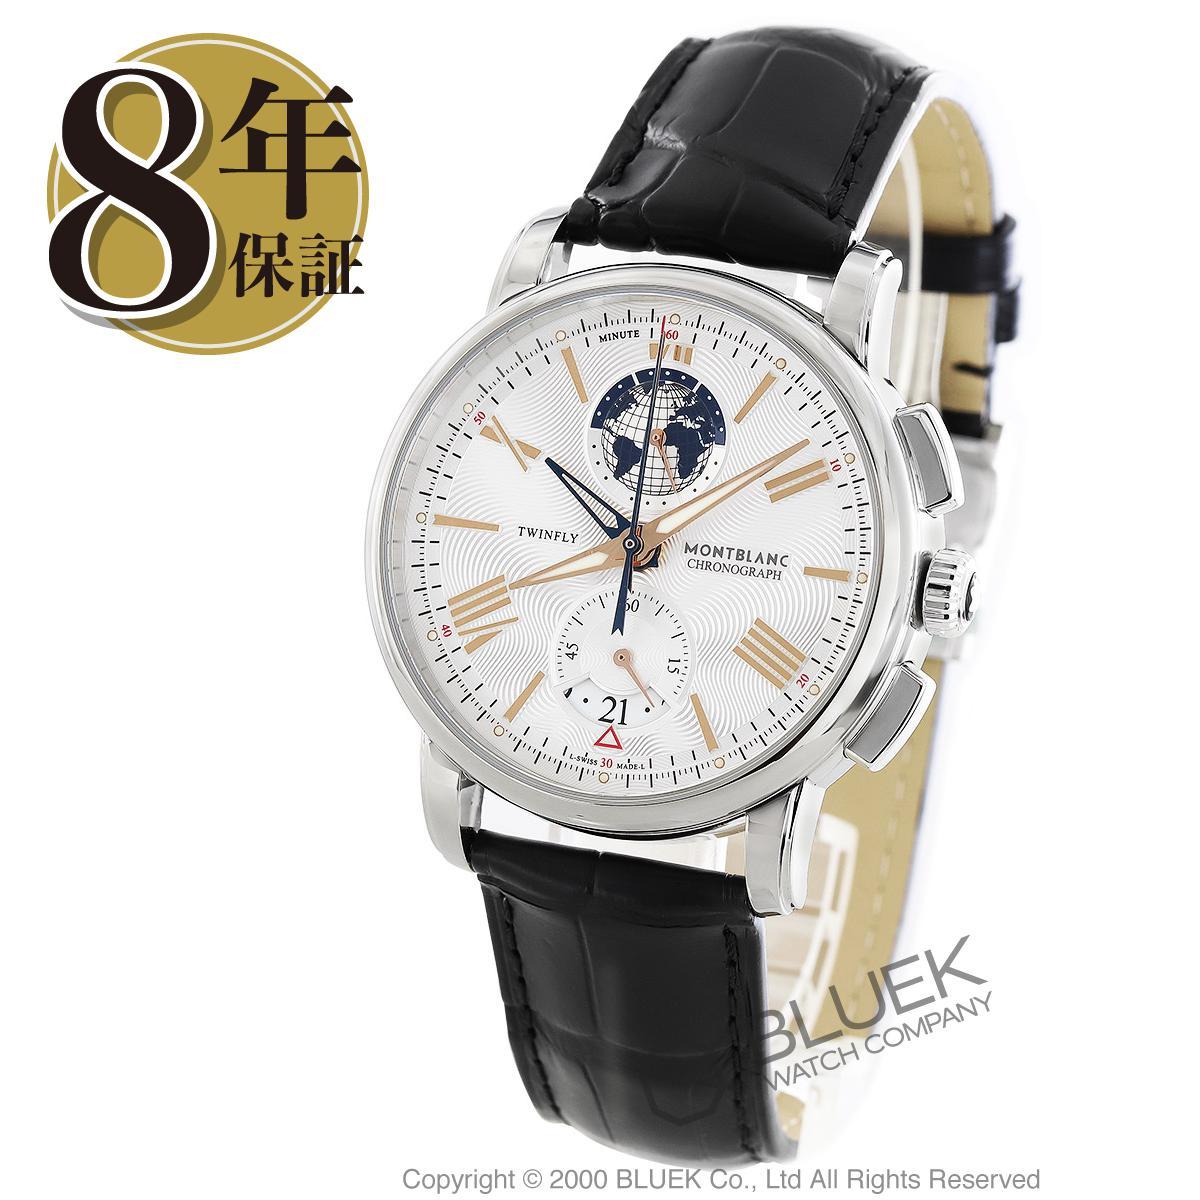 【3,000円OFFクーポン対象】モンブラン 4810 ツインフライ 110周年記念エディション 世界限定1110本 クロノグラフ アリゲーターレザー 腕時計 メンズ MONTBLANC 114859_8